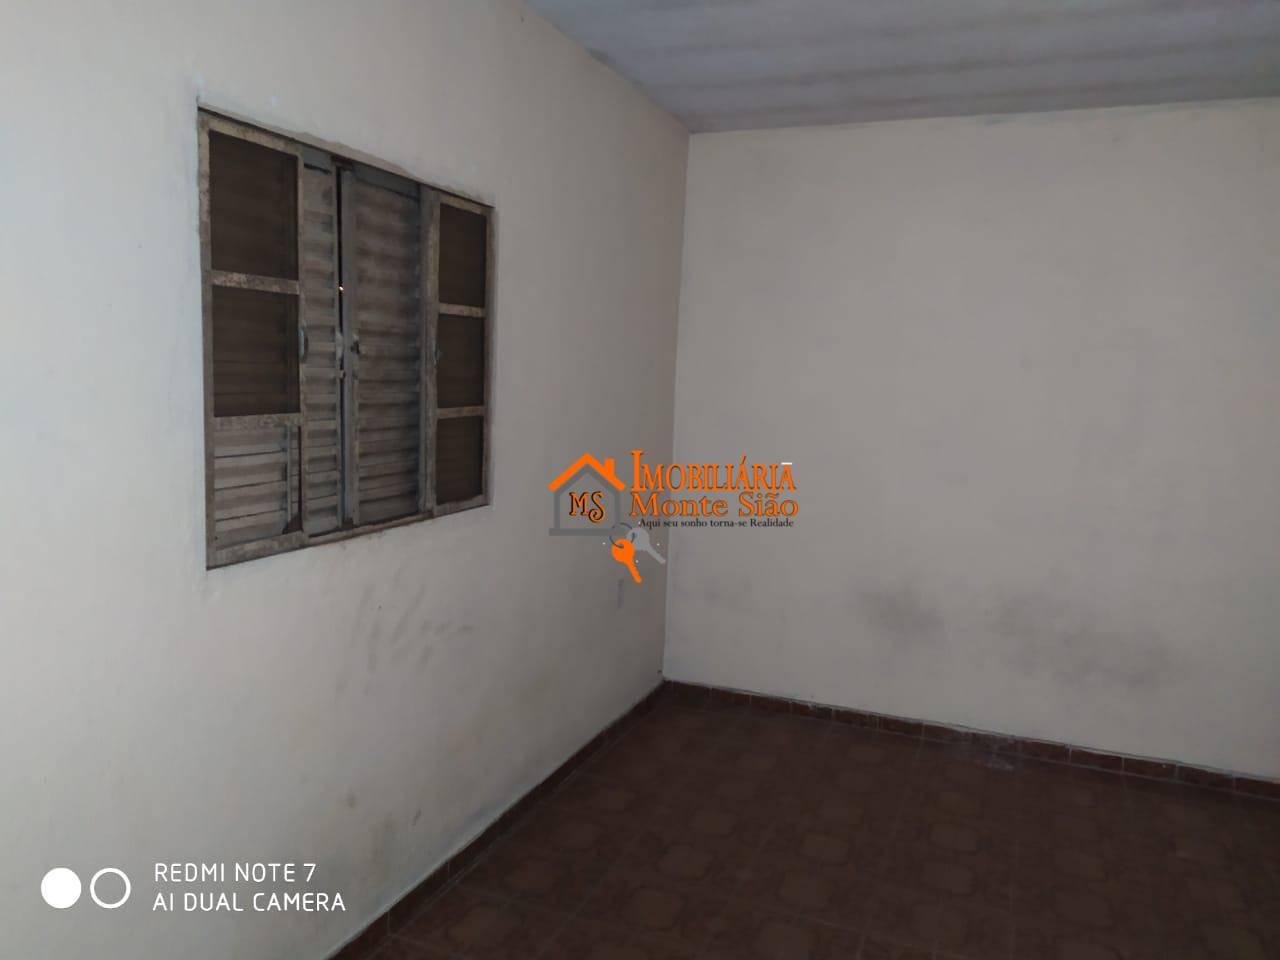 Sobrado com 1 dormitório para alugar por R$ 440,00/mês - Recreio São Jorge - Guarulhos/SP